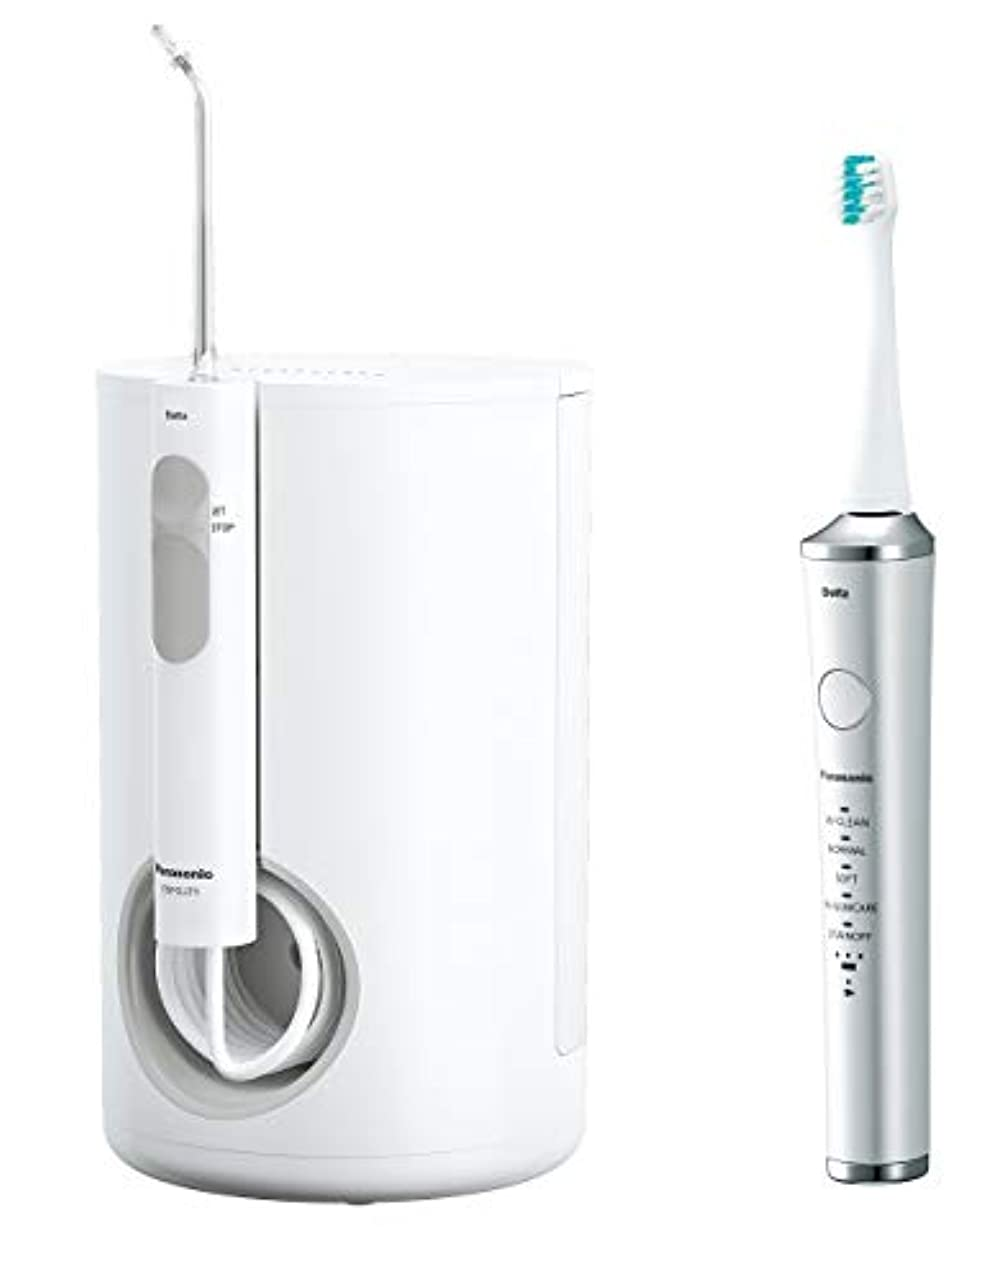 ショットショットコンプリートパナソニック 口腔洗浄器 ジェットウォッシャー ドルツ 白 EW-DJ71-W + 電動歯ブラシ ドルツ セット